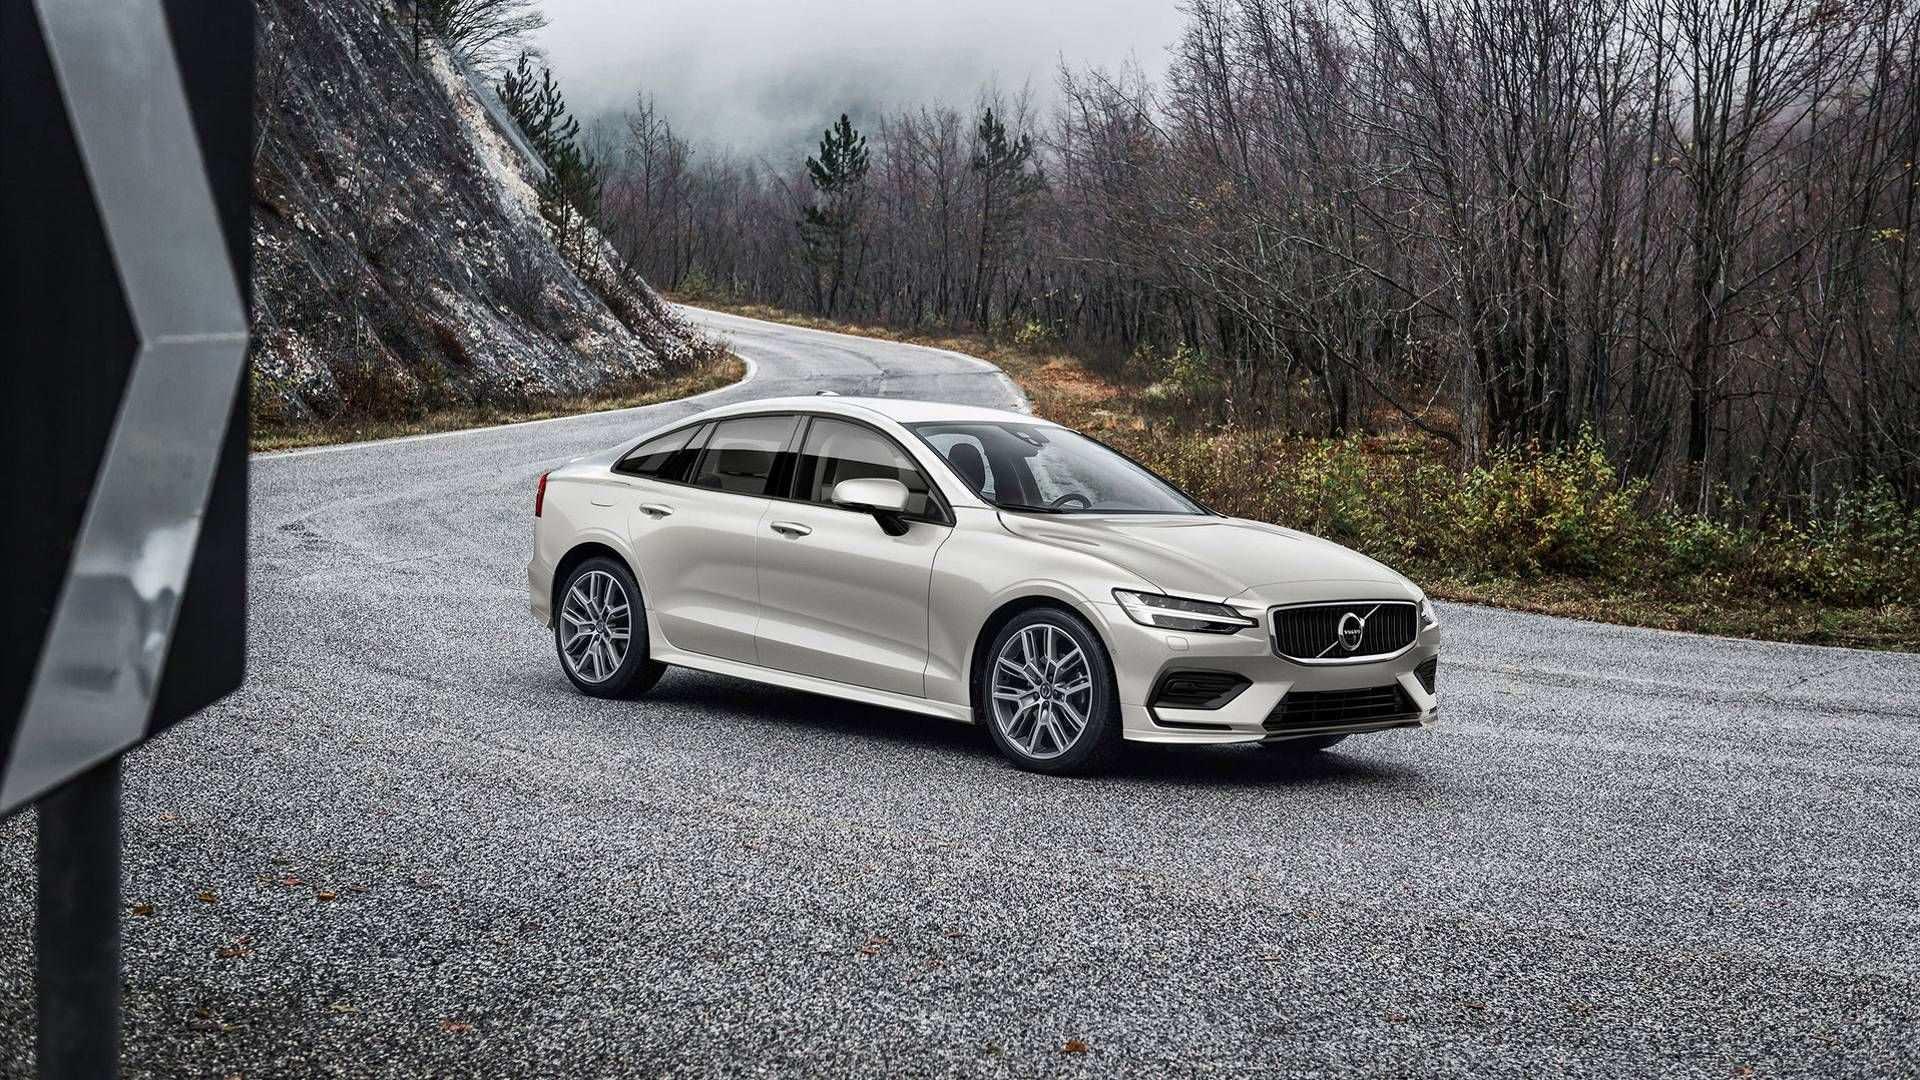 75 The Volvo S60 2020 News Spy Shoot by Volvo S60 2020 News